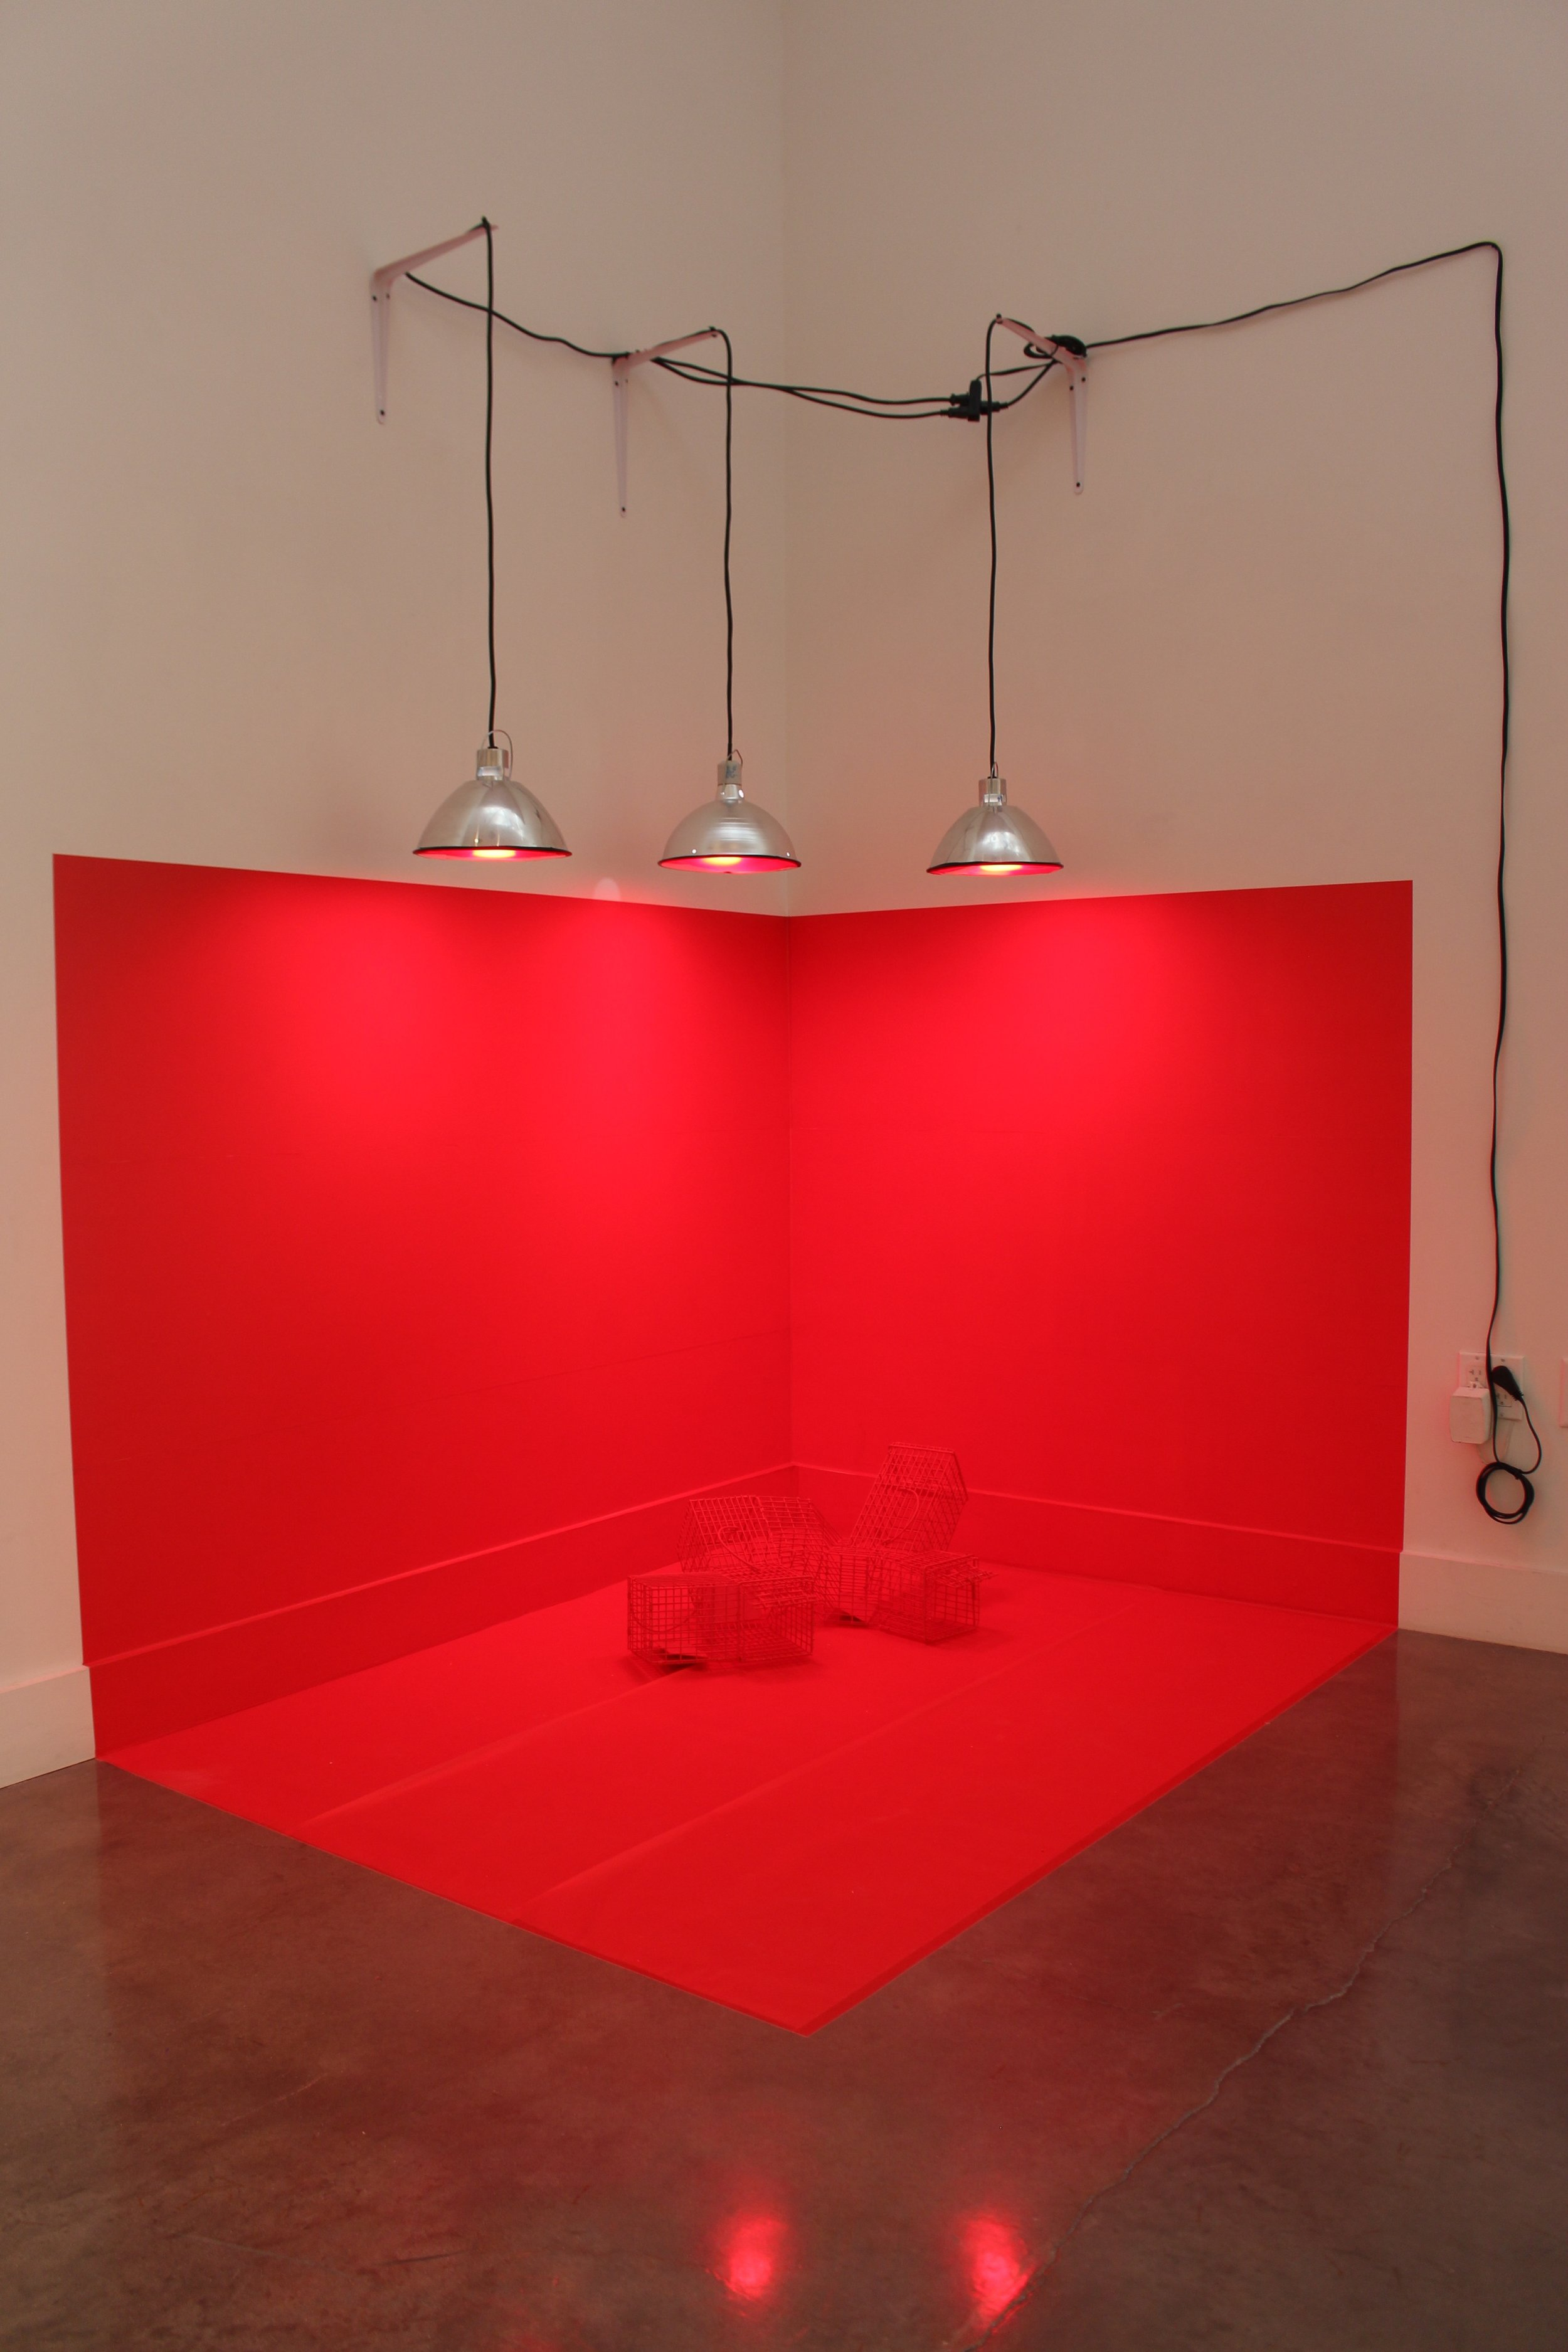 Meagan-Hindel-Sculpture-Cage.jpg